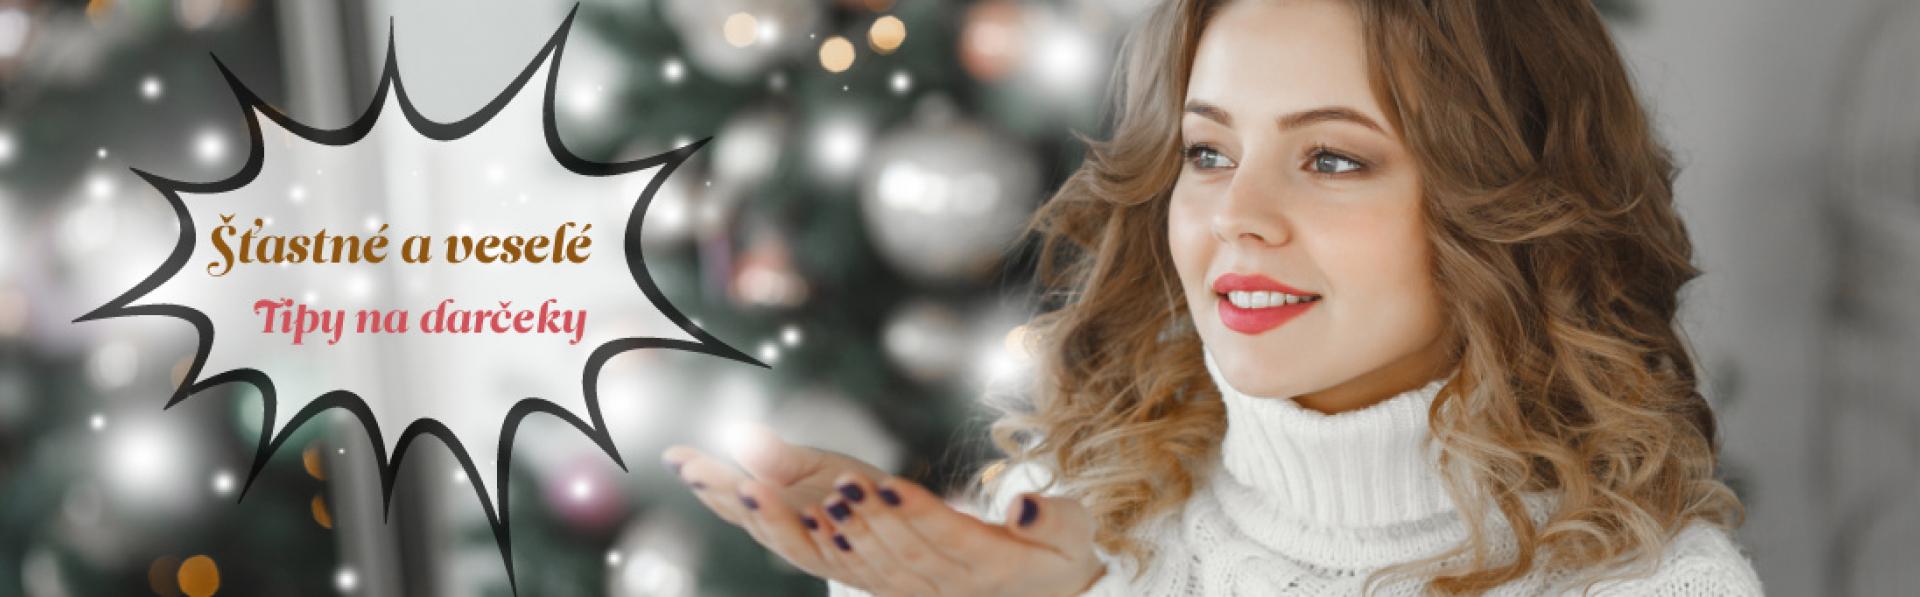 Alternatívne parfumy a imitácie parfémov vs luxusné značkové parfumy